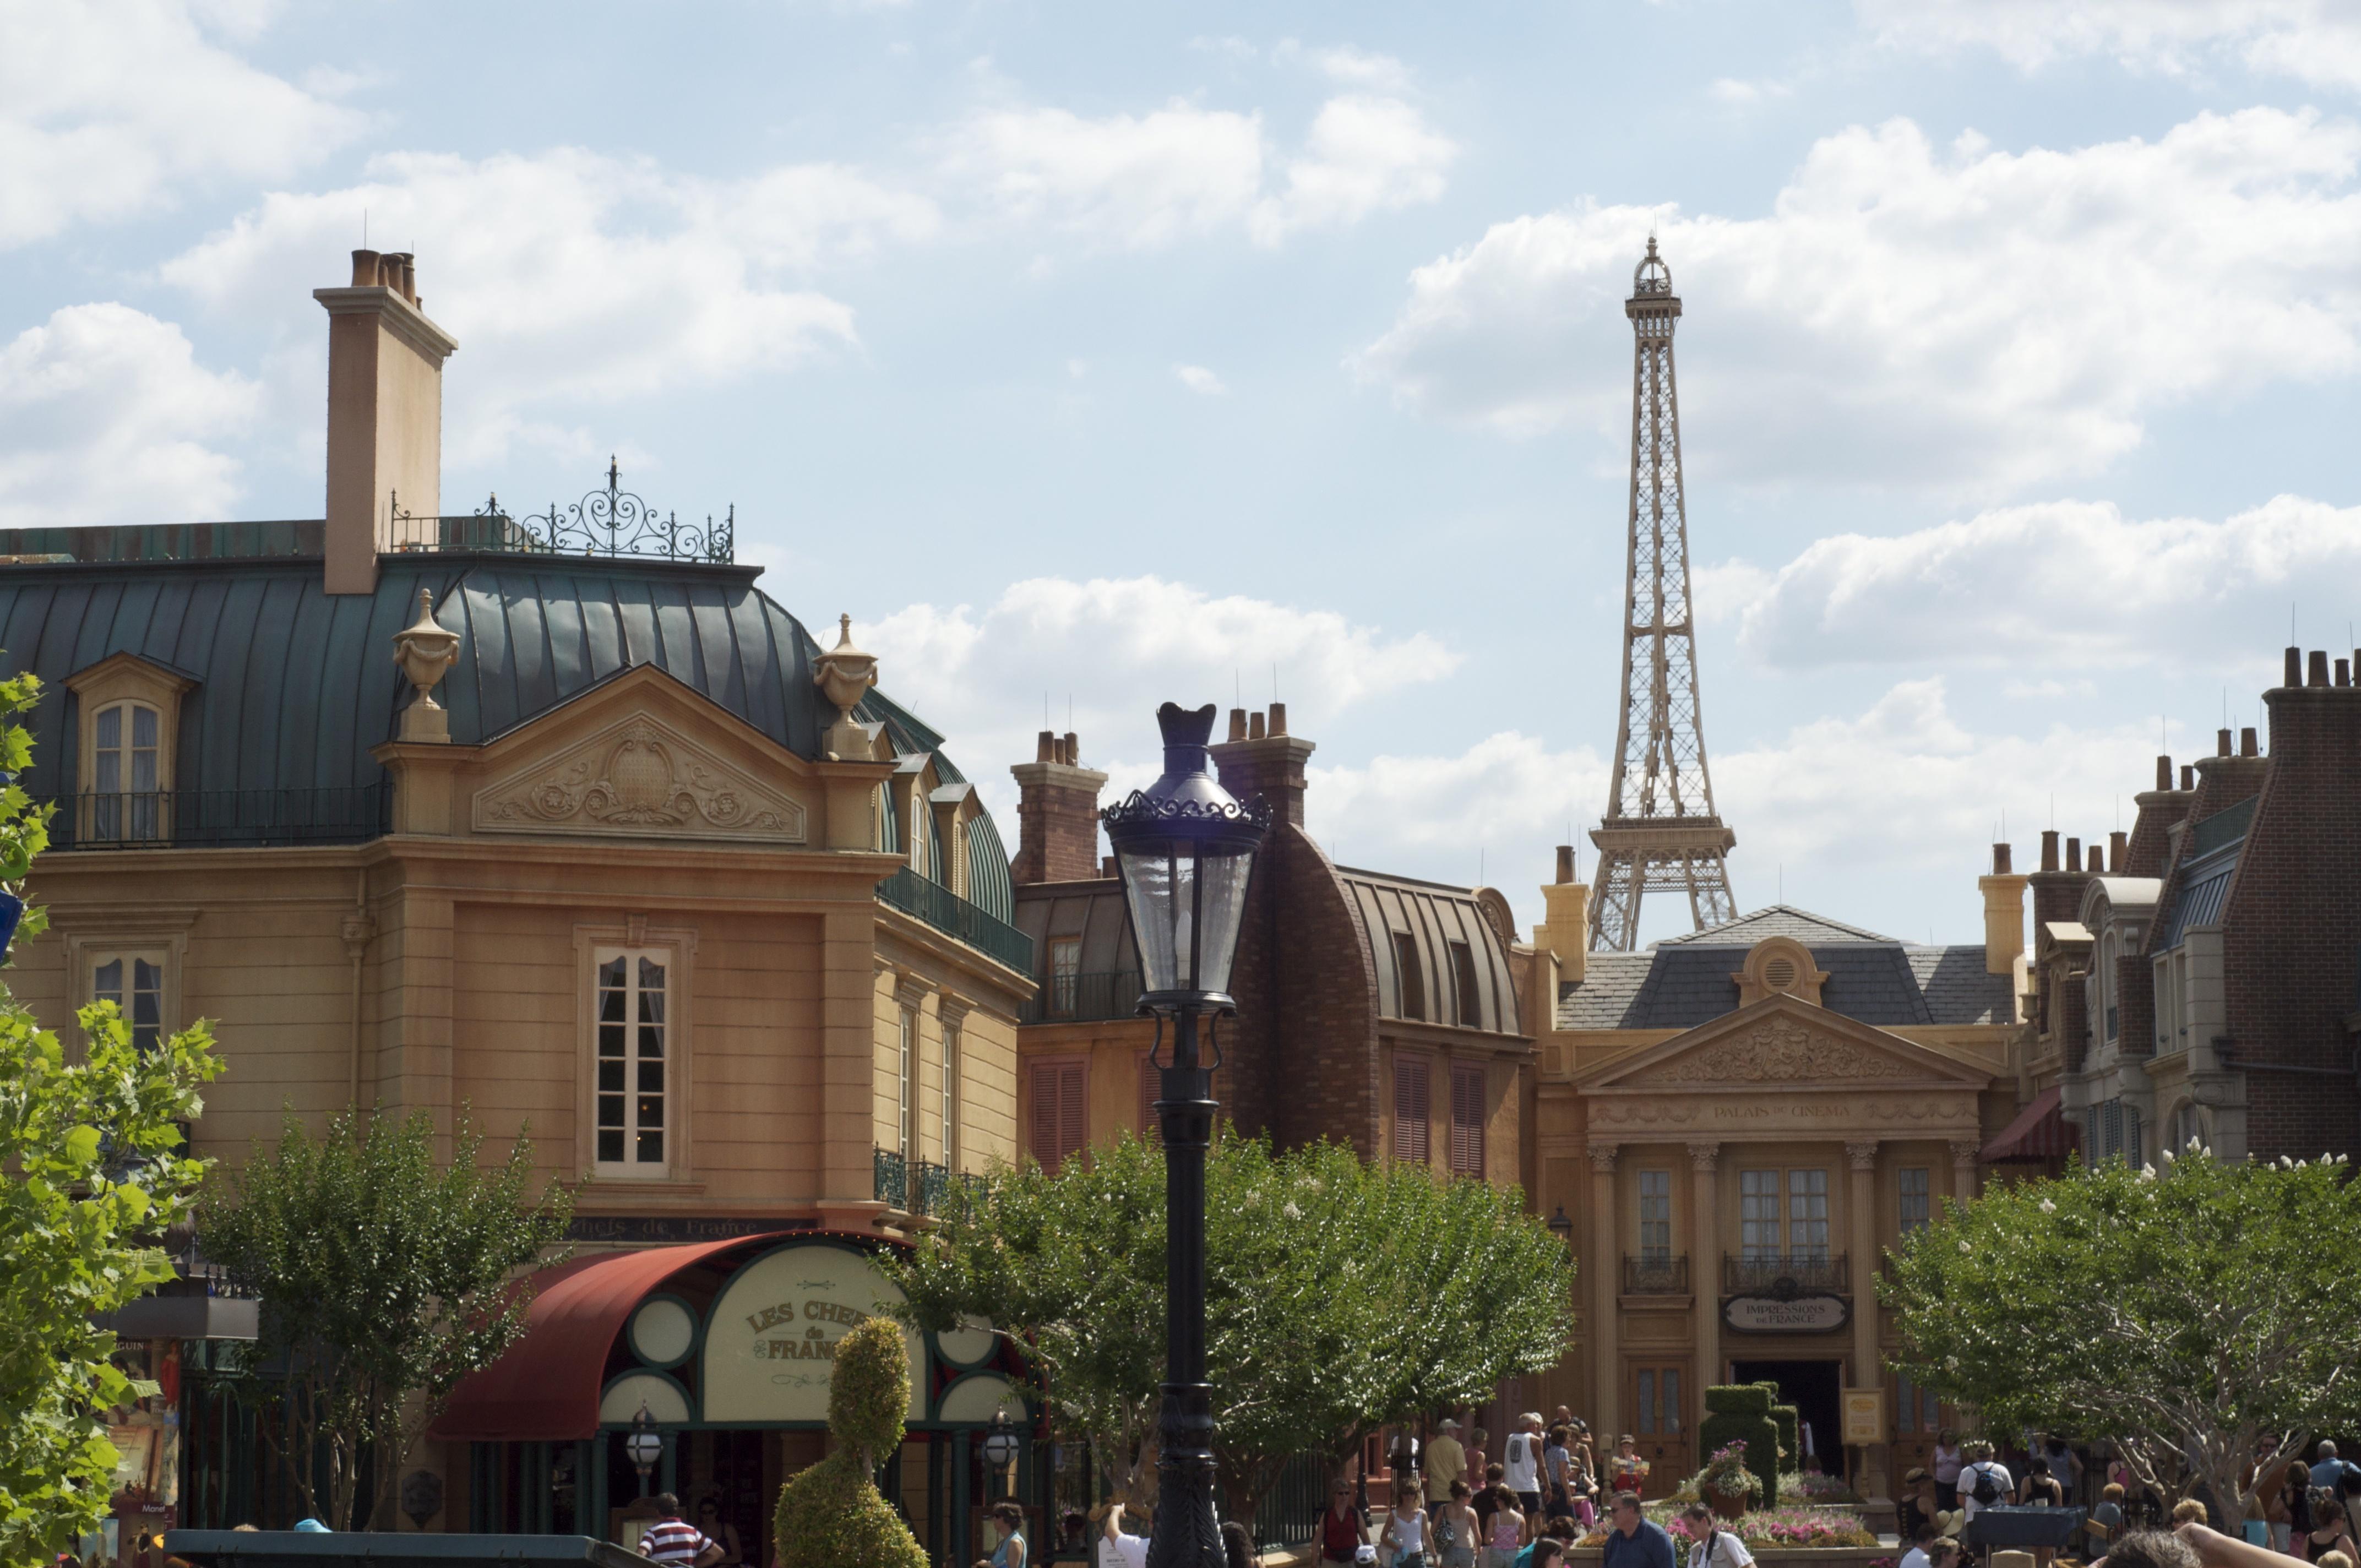 Epcot - France pavilion - by ckramer.jpg